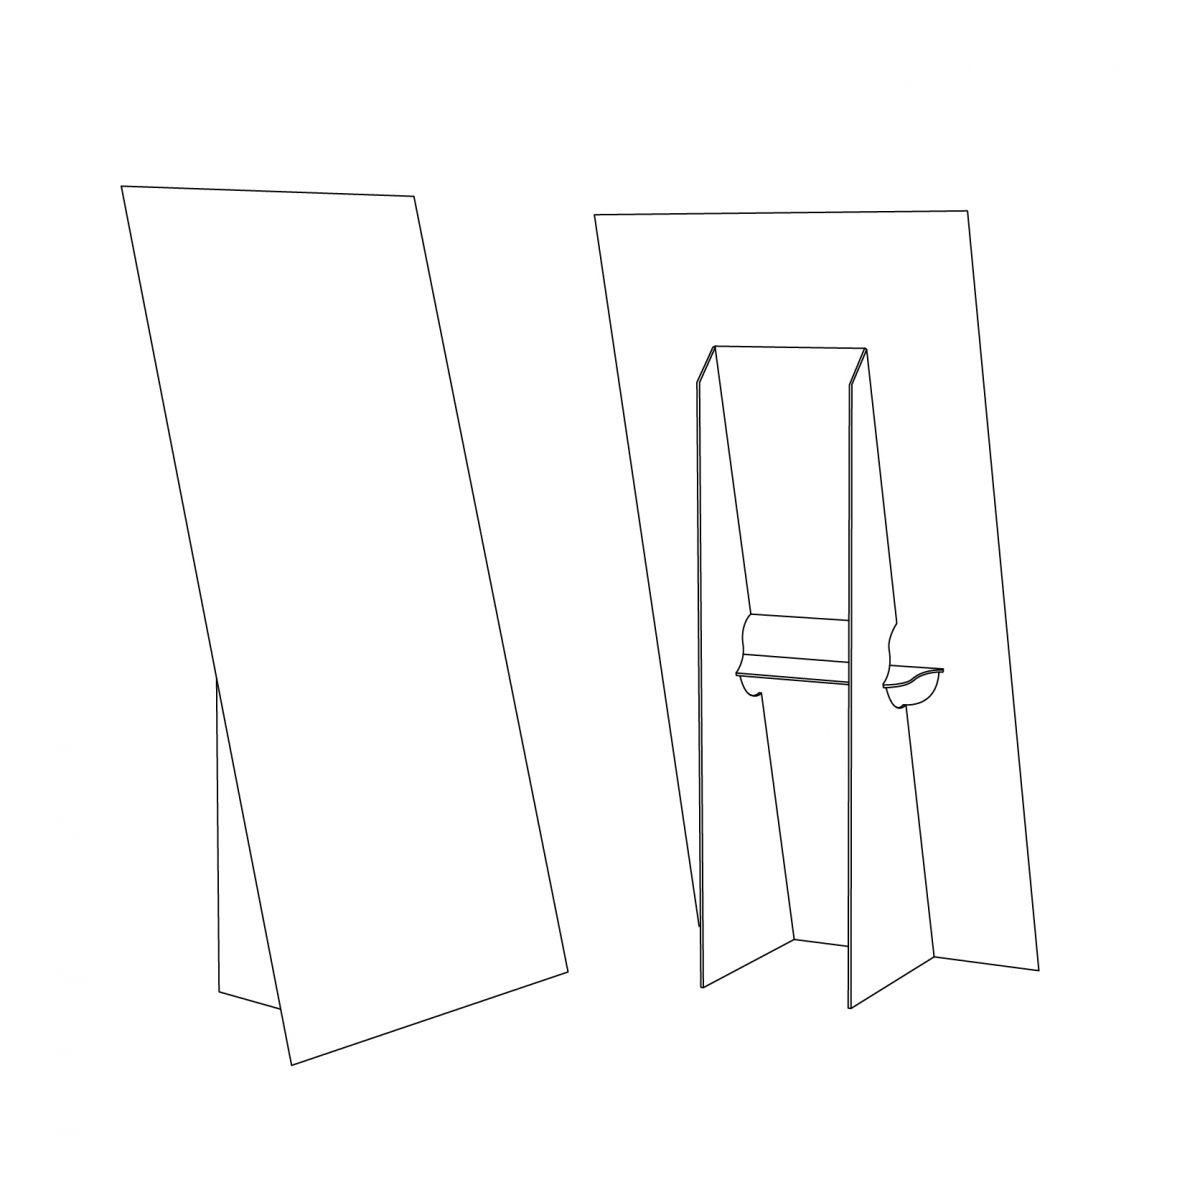 Cardboard or coroplast floor display - easel - outline